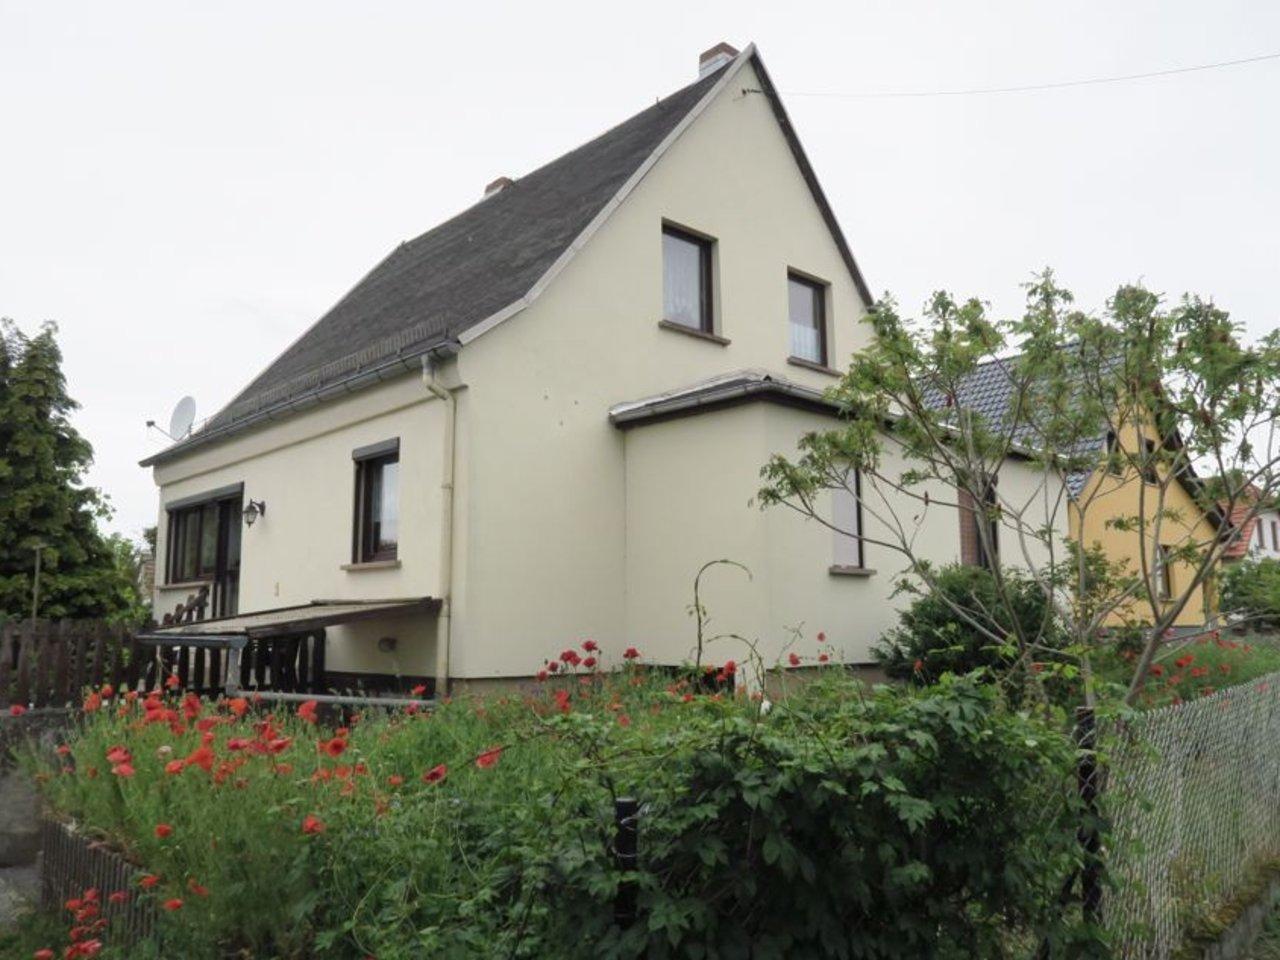 Freistehendes, modernisierungsbedürftiges EFH in Wülfershausen-Hausansicht